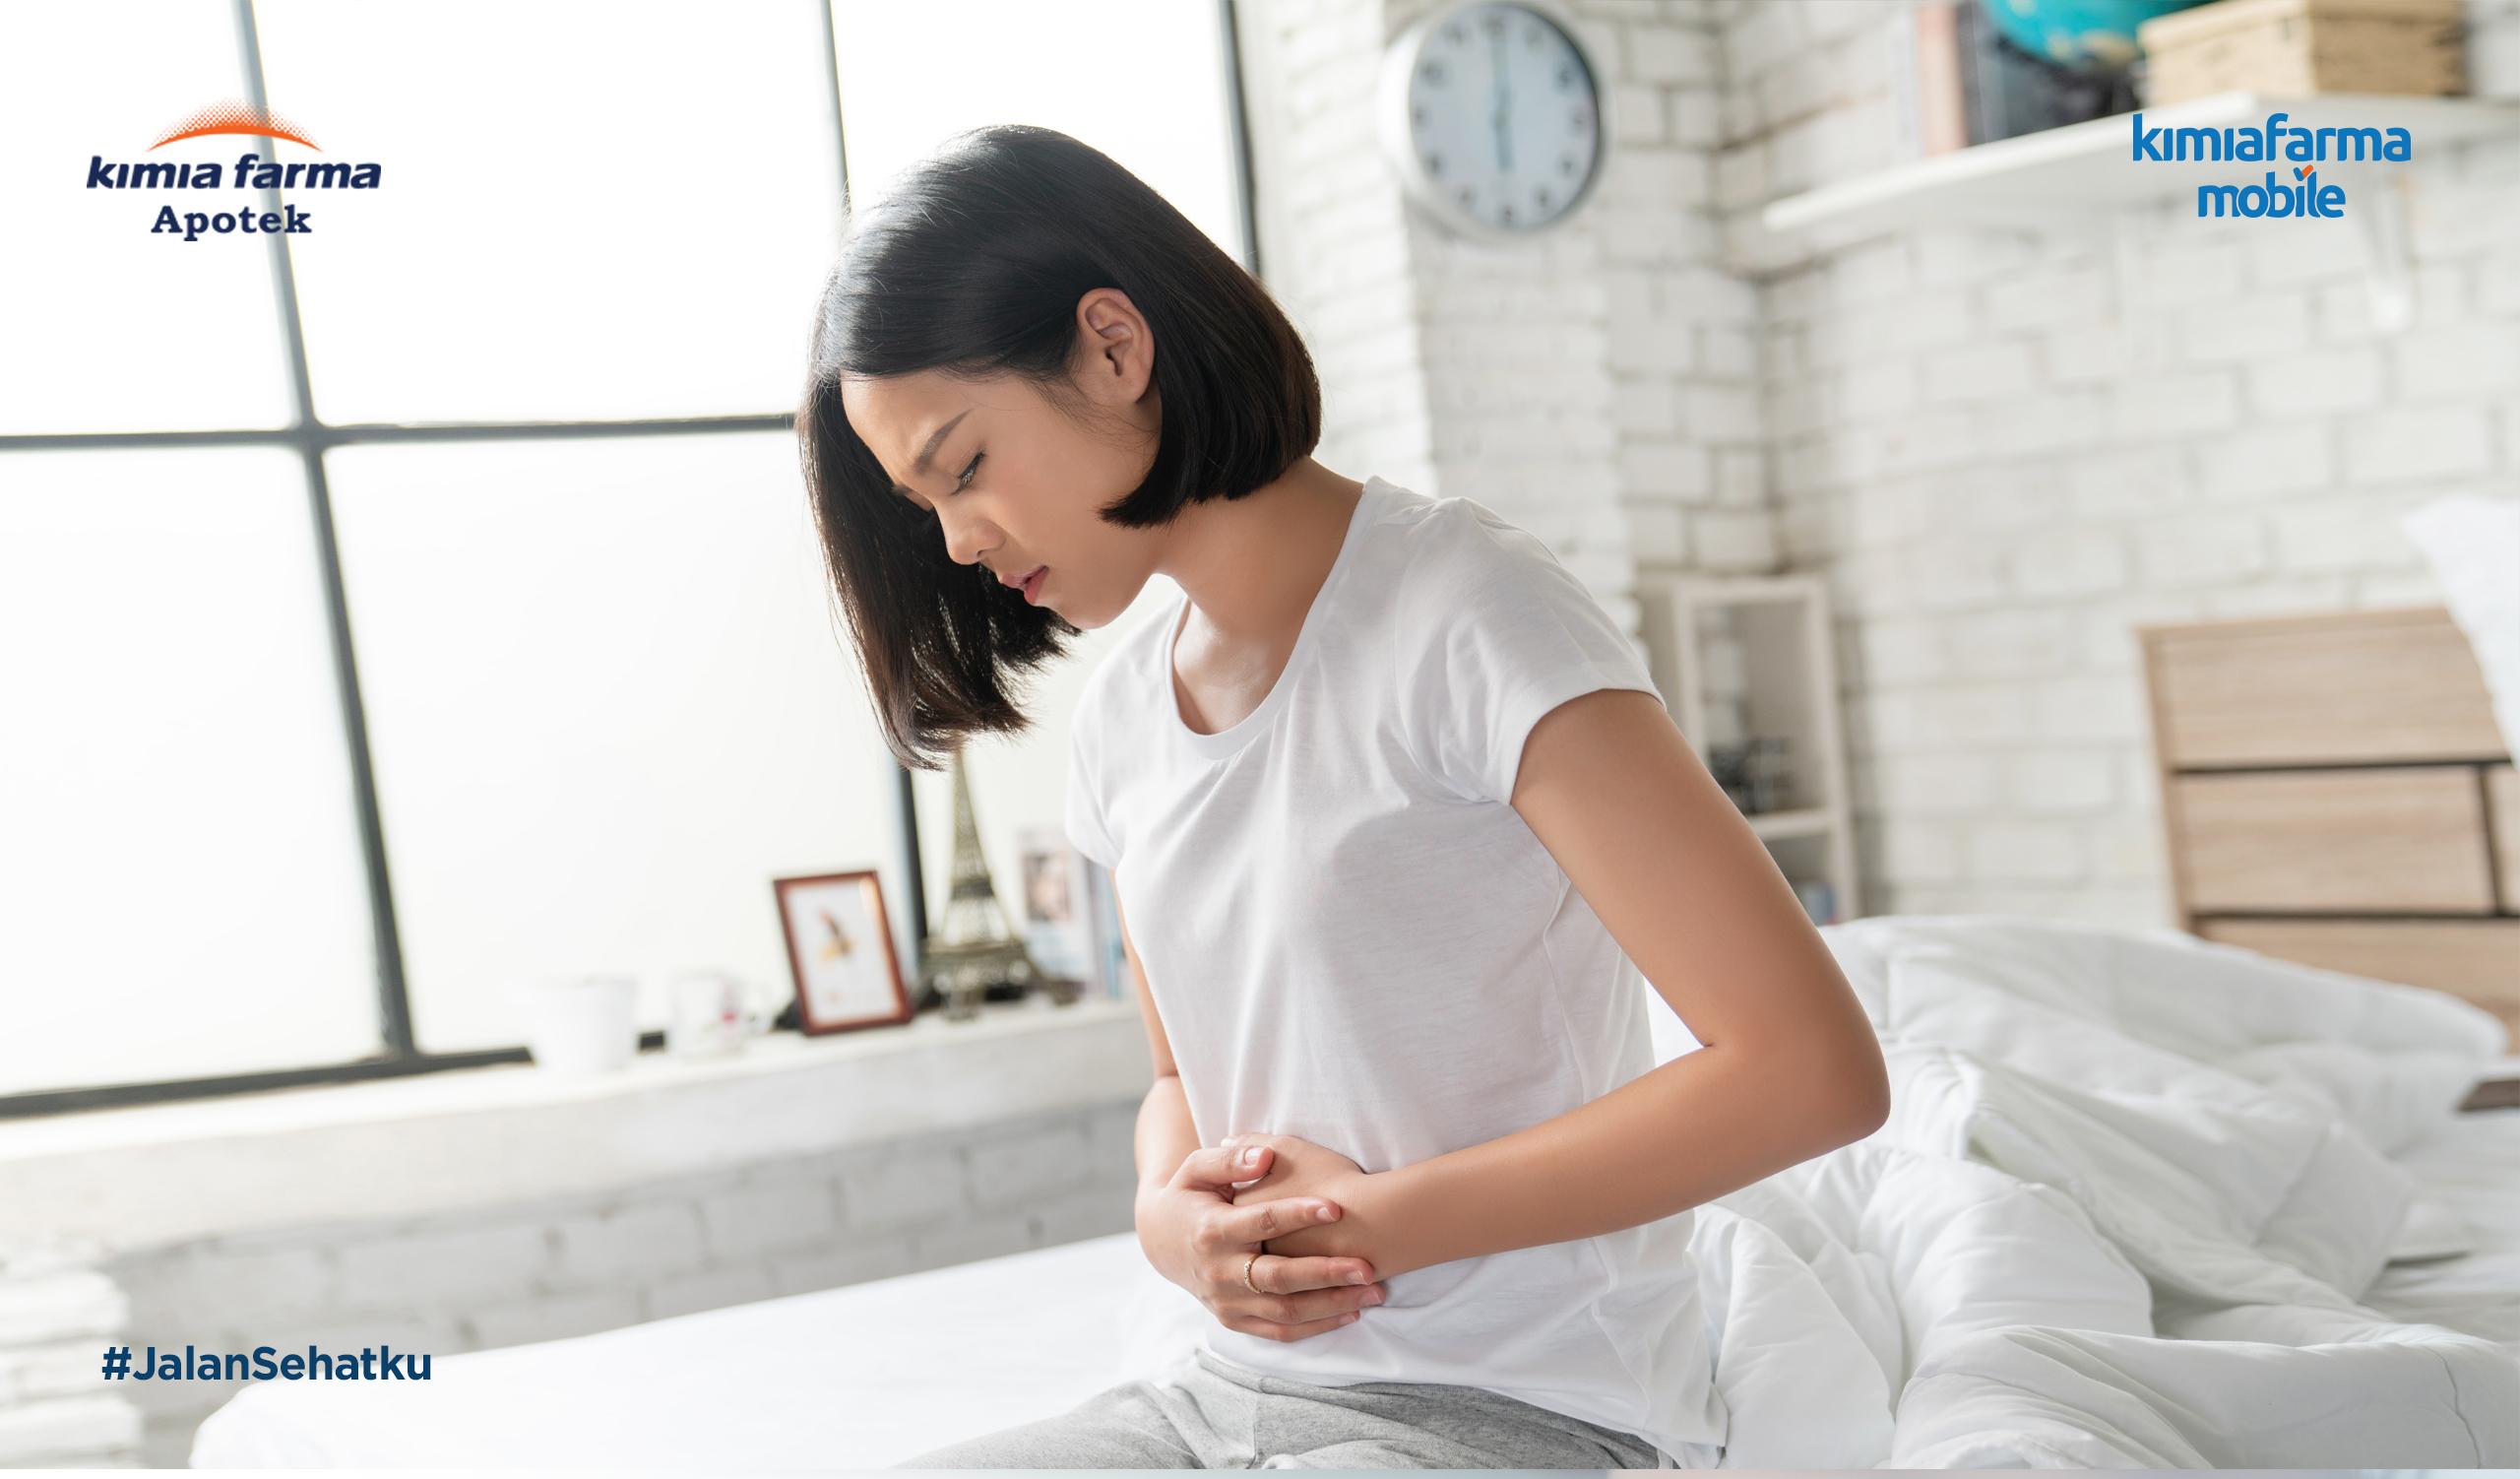 Waspada Penyakit Kronis Menyerang Usia Muda